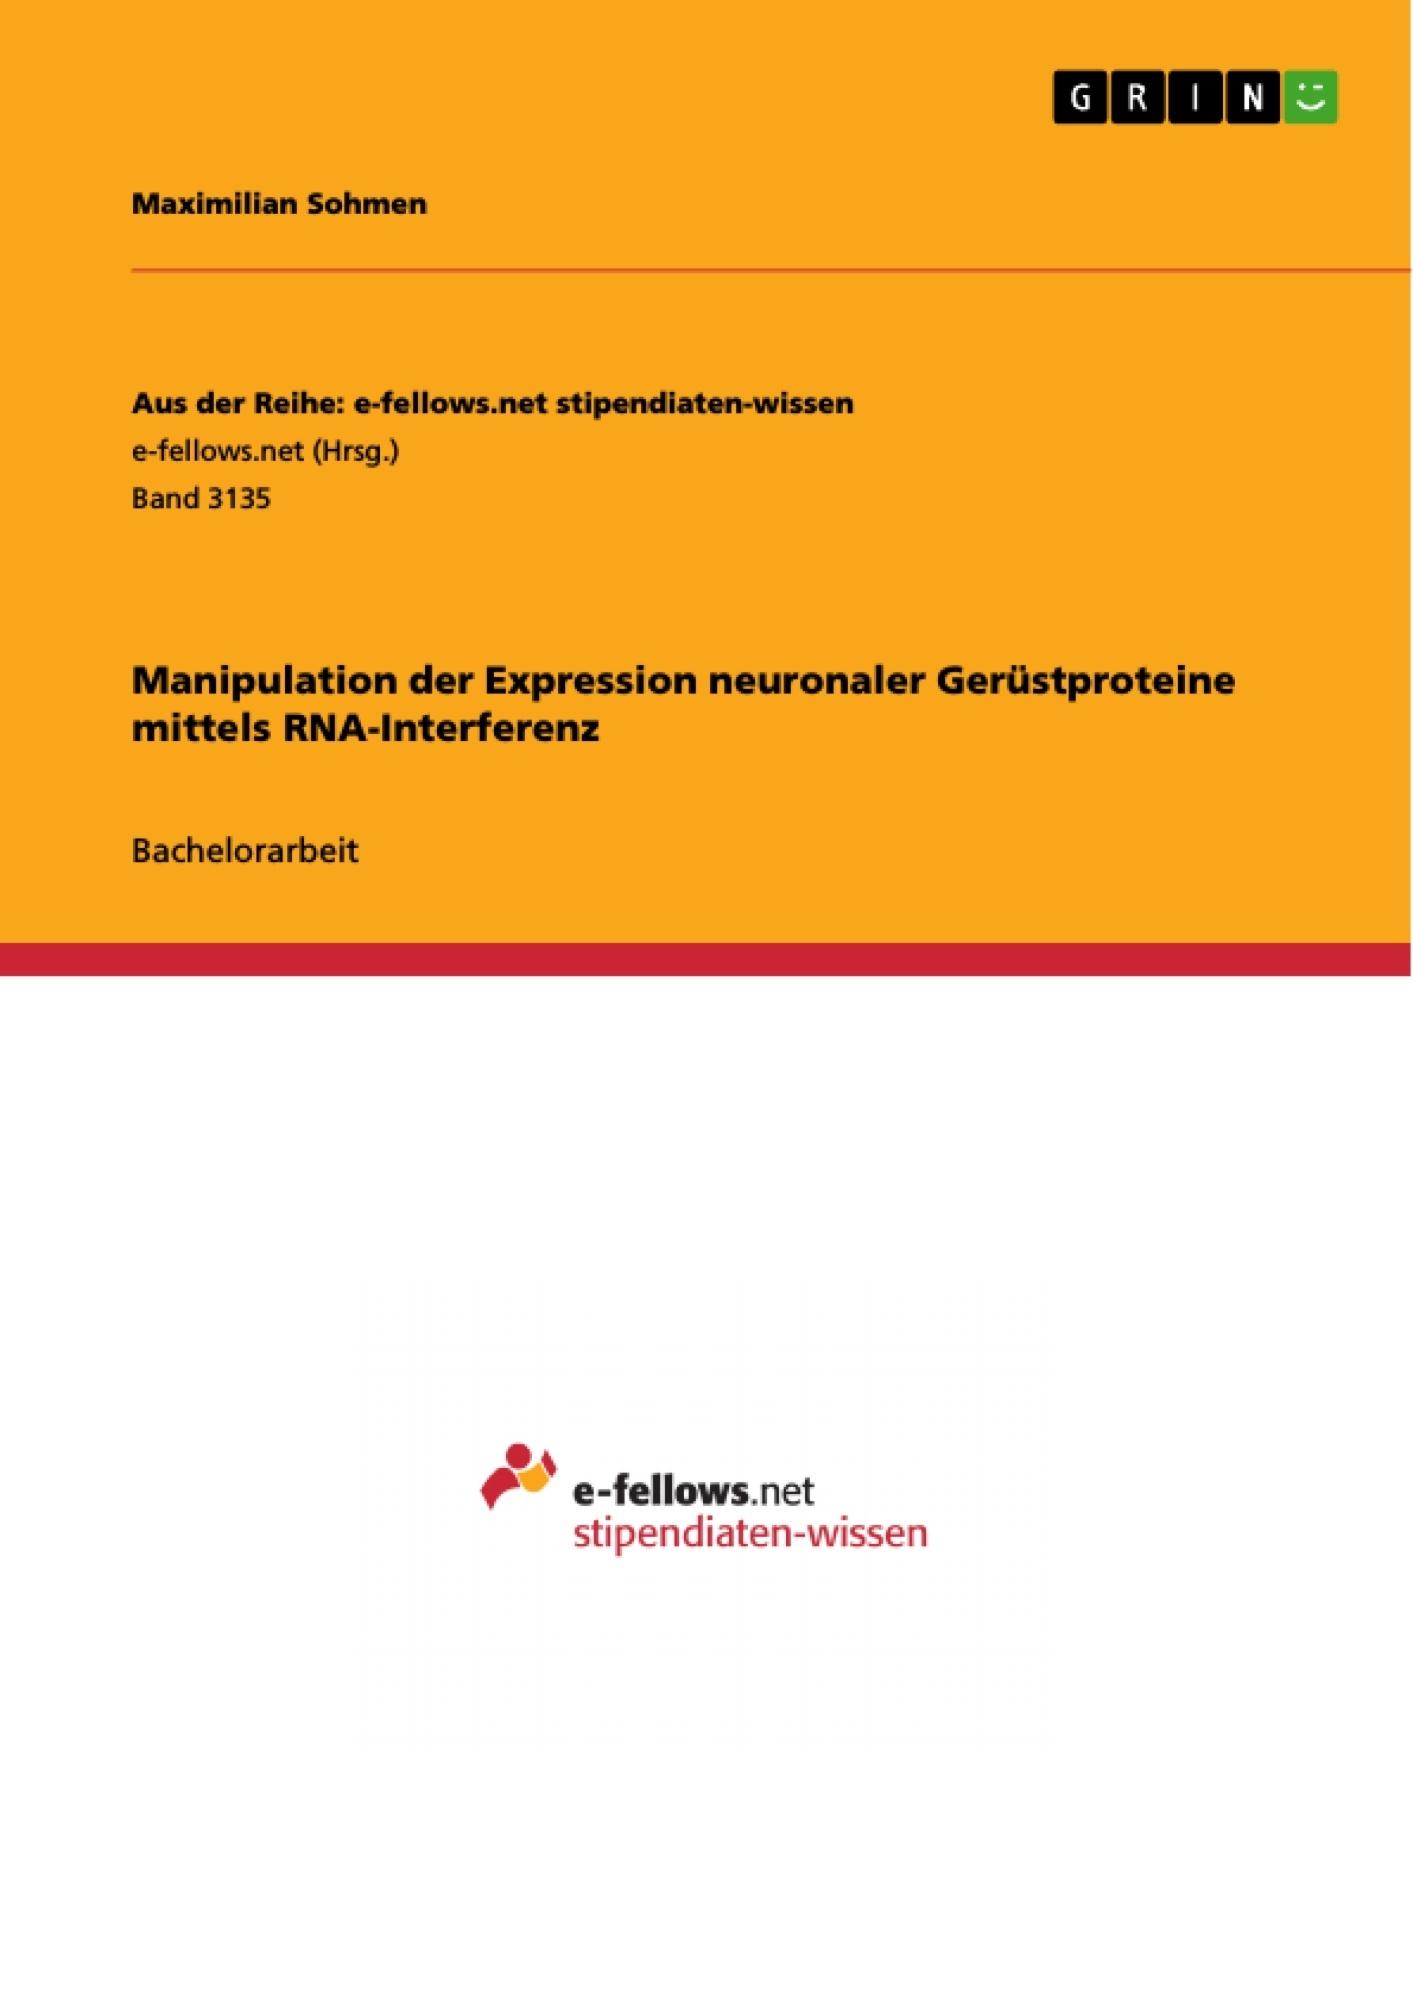 Titel: Manipulation der Expression neuronaler Gerüstproteine mittels RNA-Interferenz